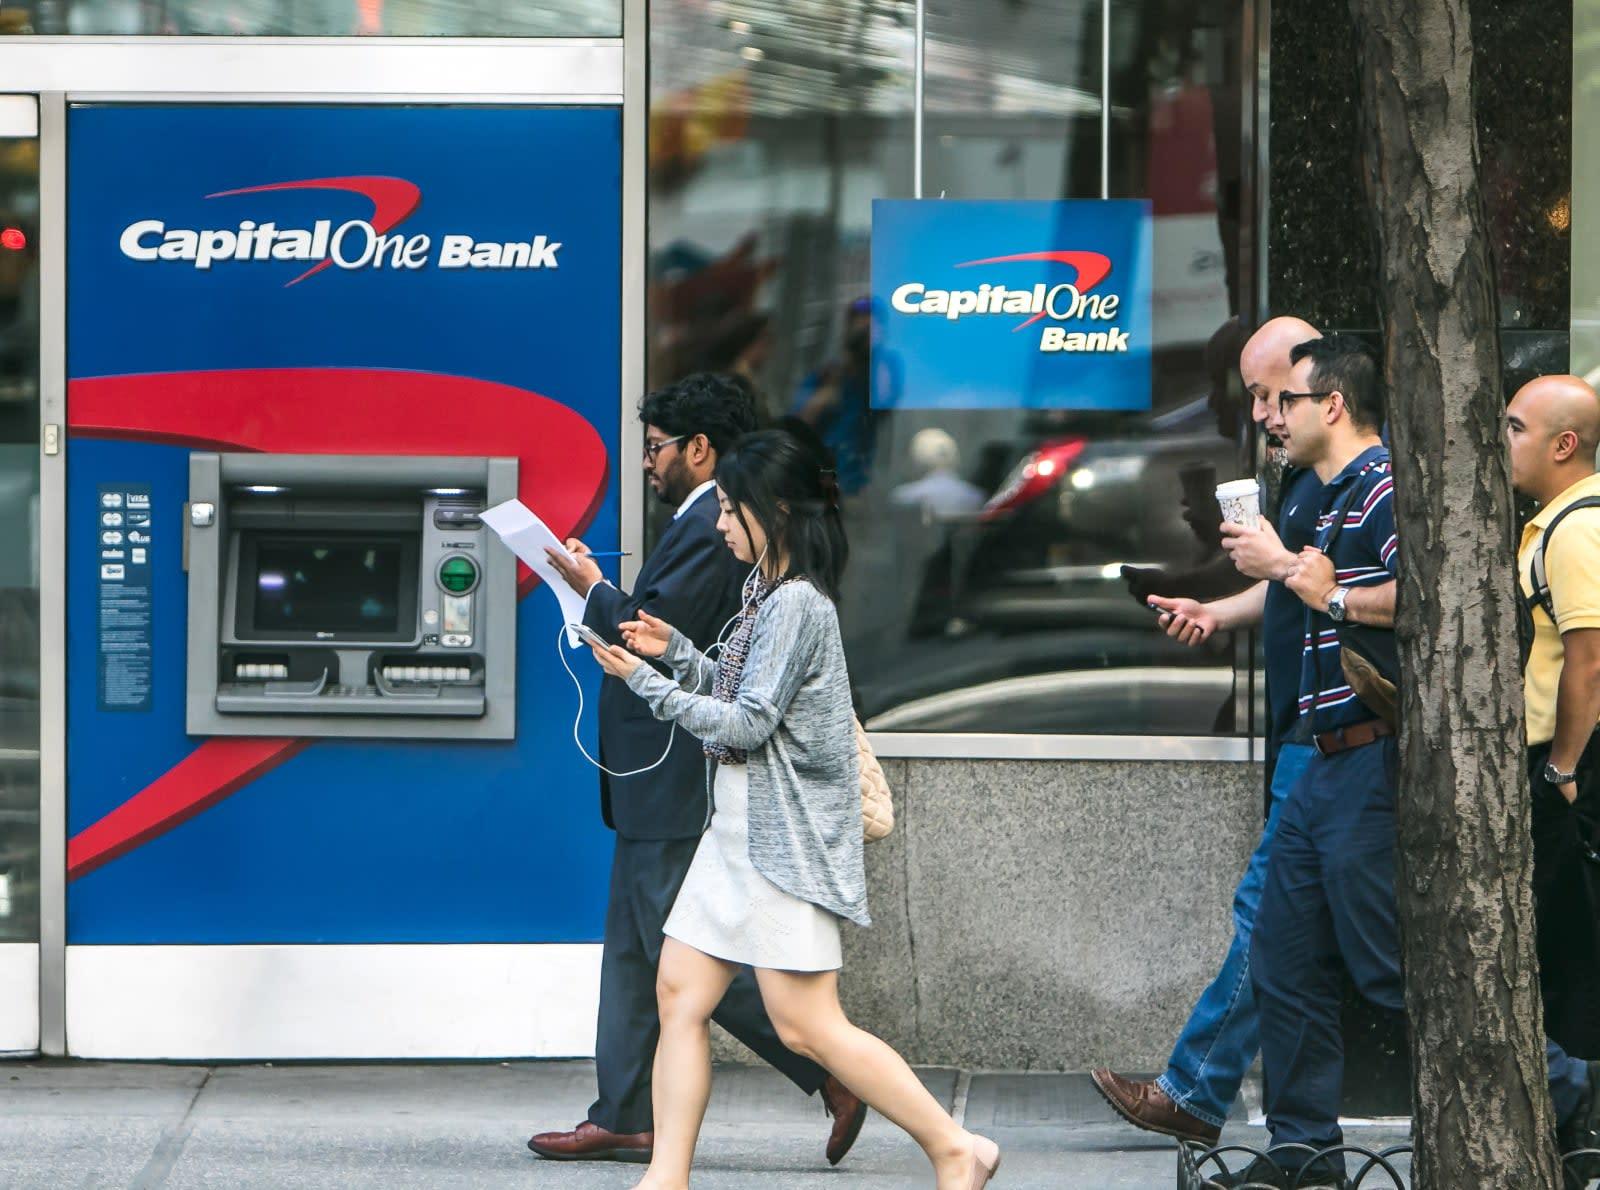 米銀行のクラウドサーバーから1億人規模の個人情報流出、AWS元従業員が逮捕